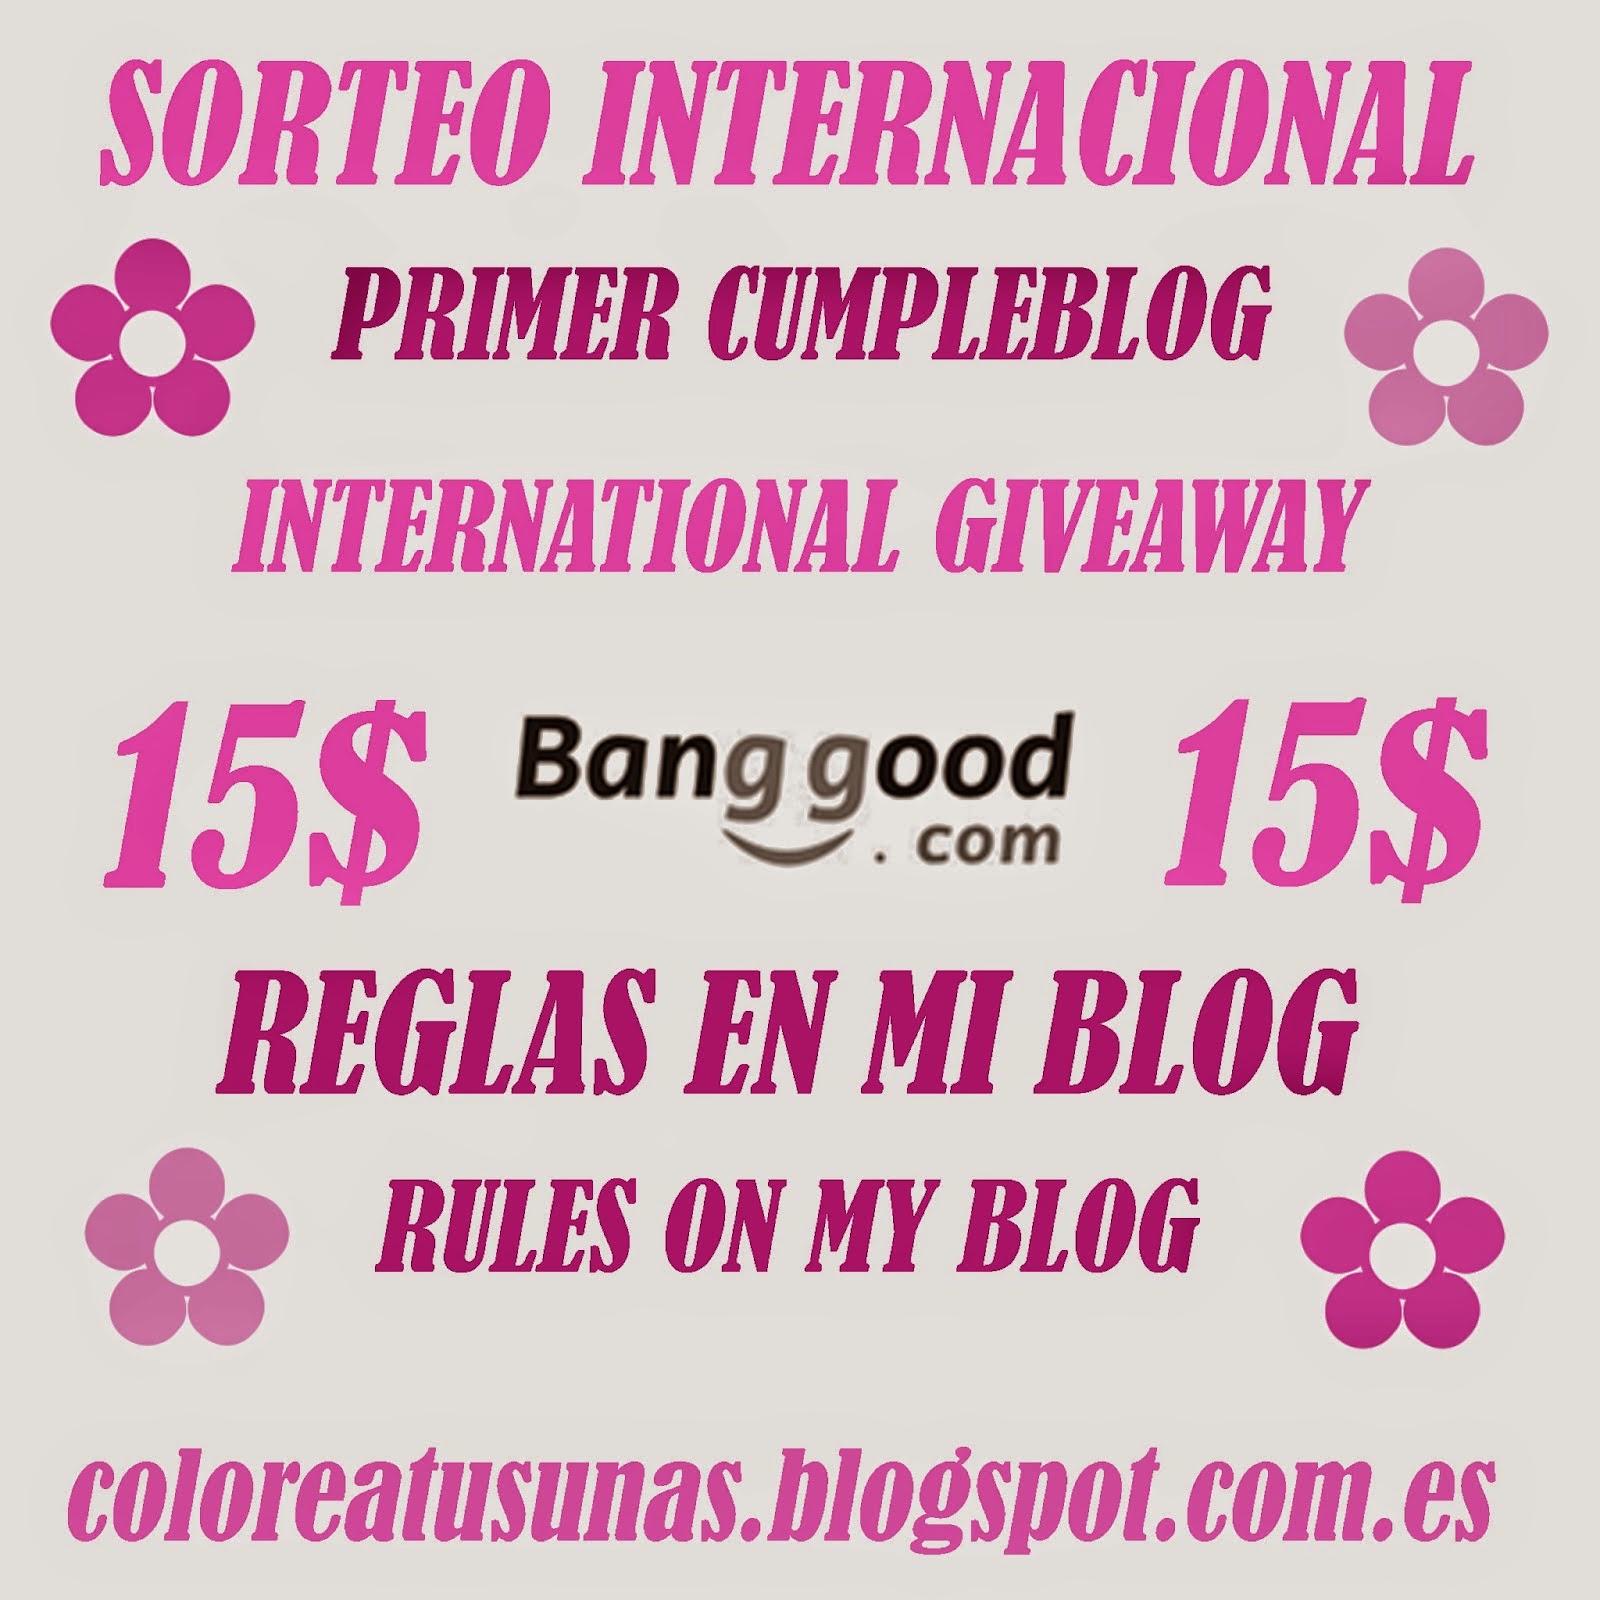 Sorteo internacional: cumpleblog :)